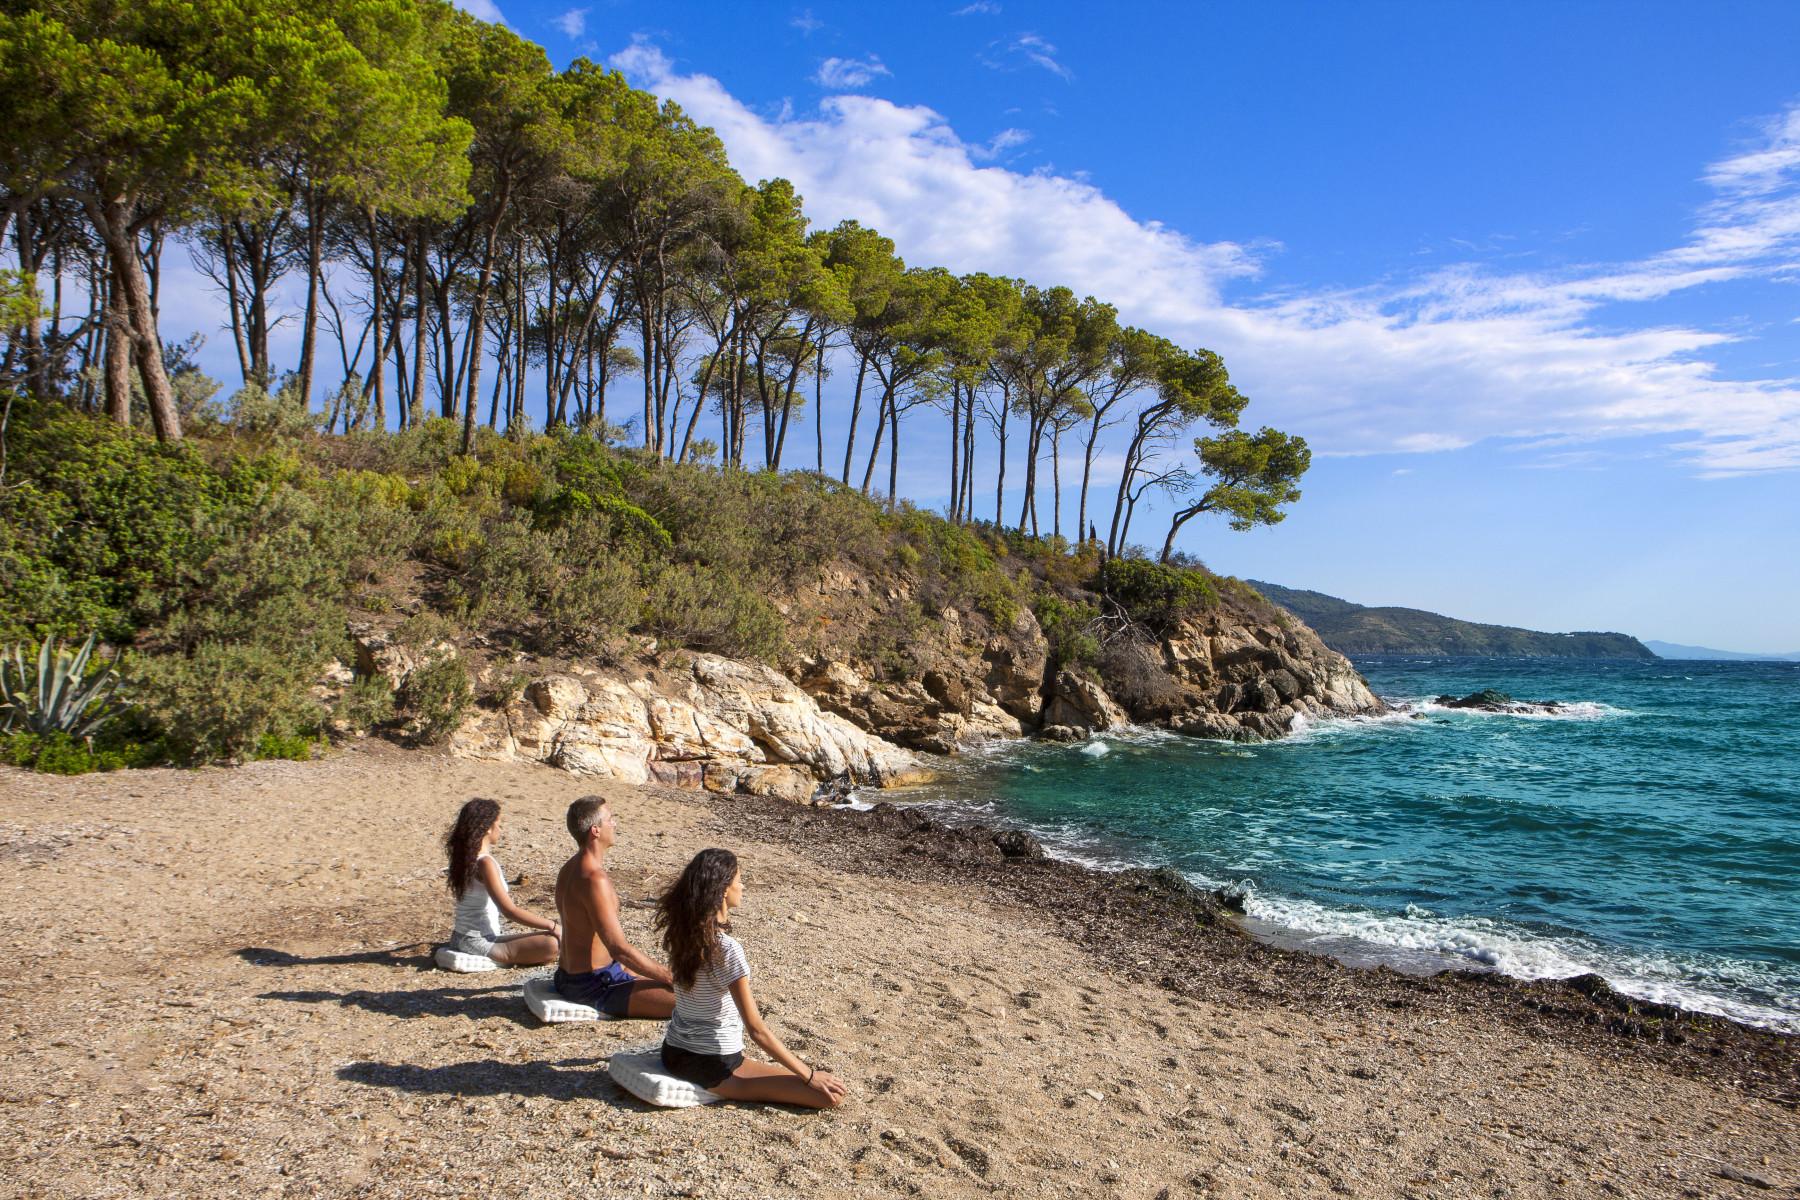 Soggiorno con workshop di Mindfulness sull'Isola d'Elba ...